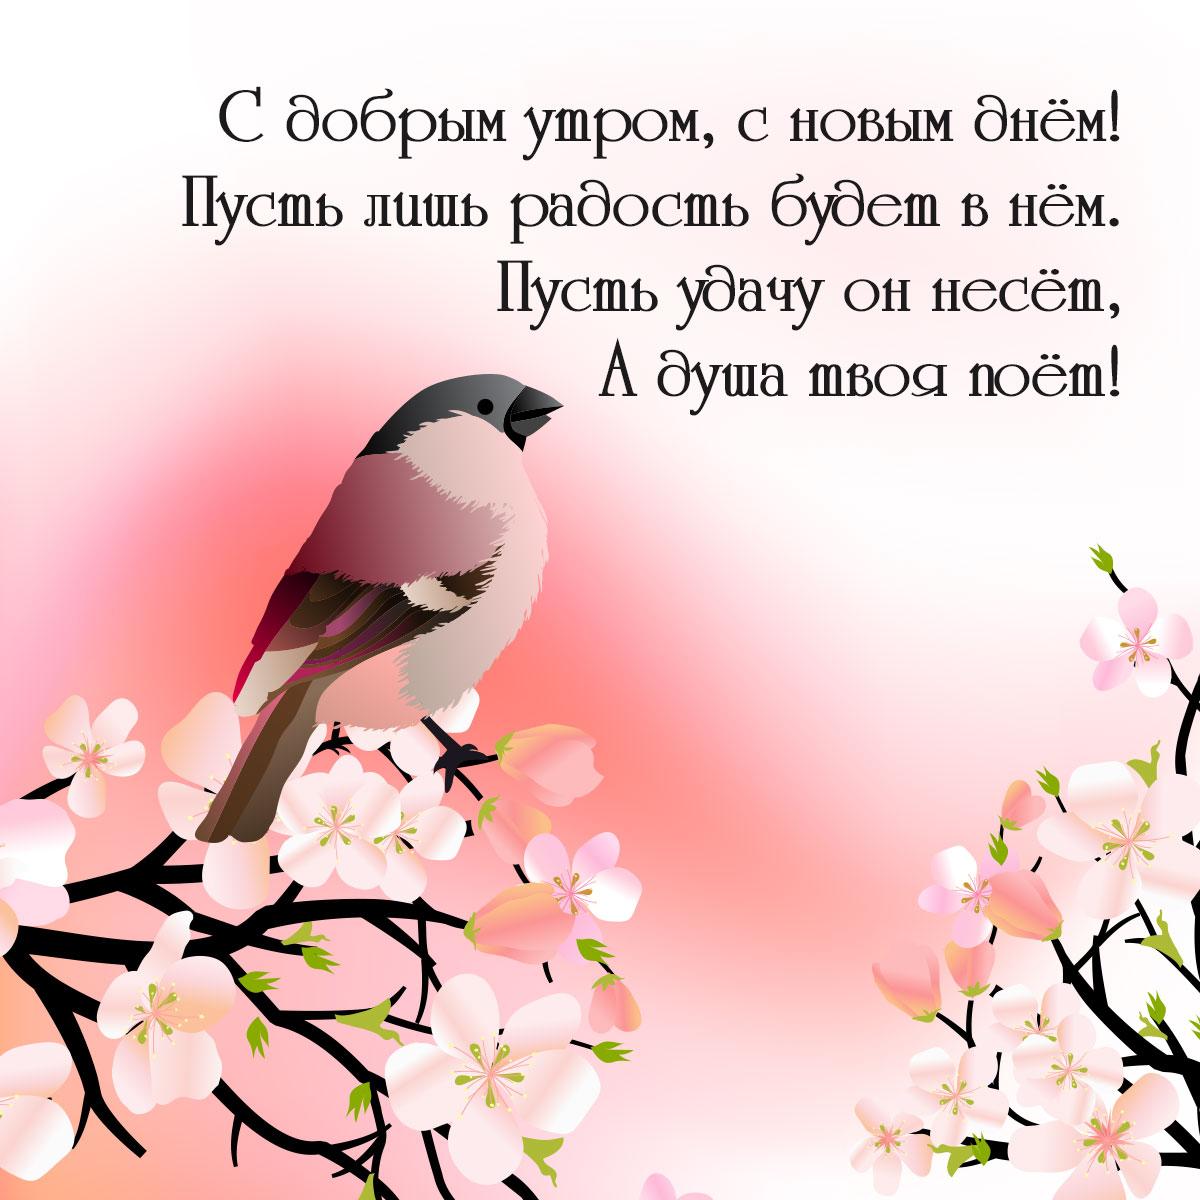 Розовая птица на цветущих ветках поёт с добрым утром.